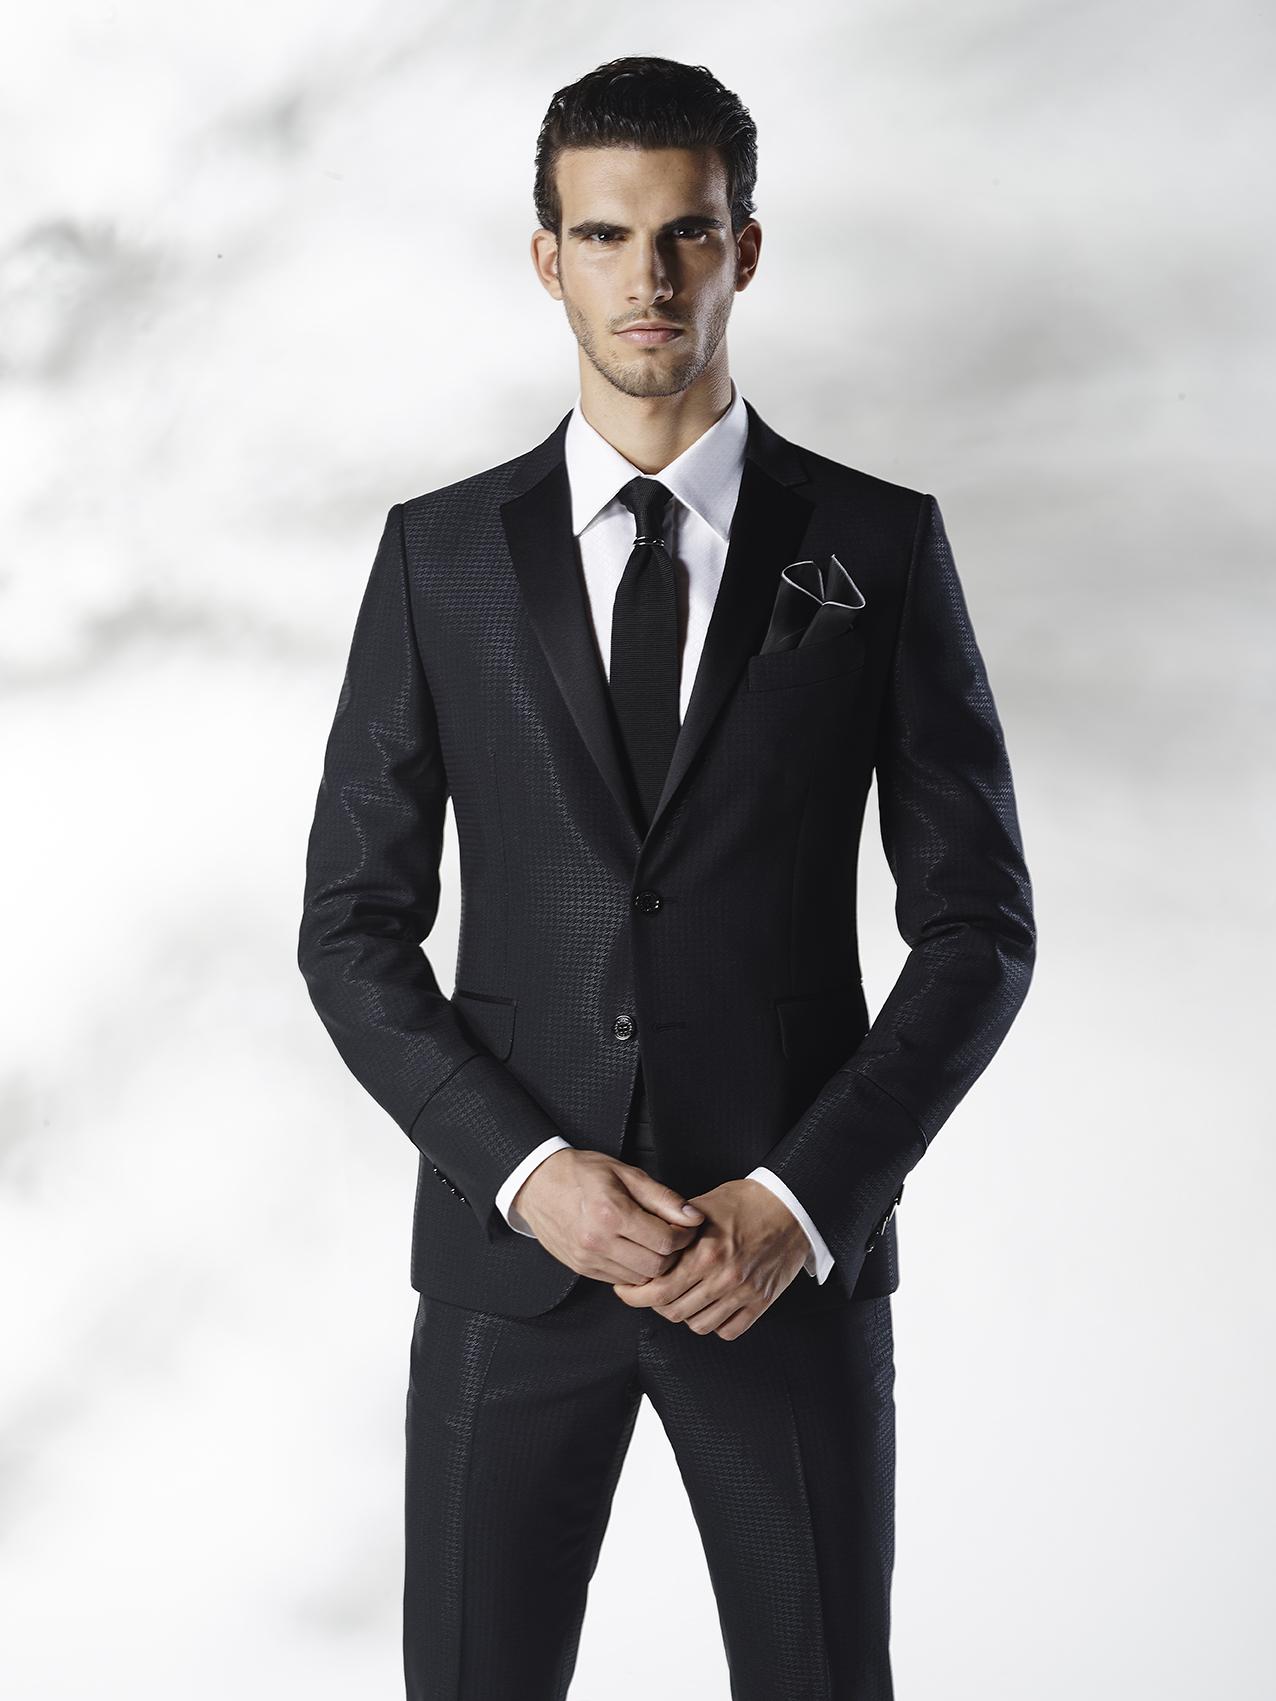 Vestito Matrimonio Uomo Nero : Come vestirsi ad un matrimonio: i consigli per l